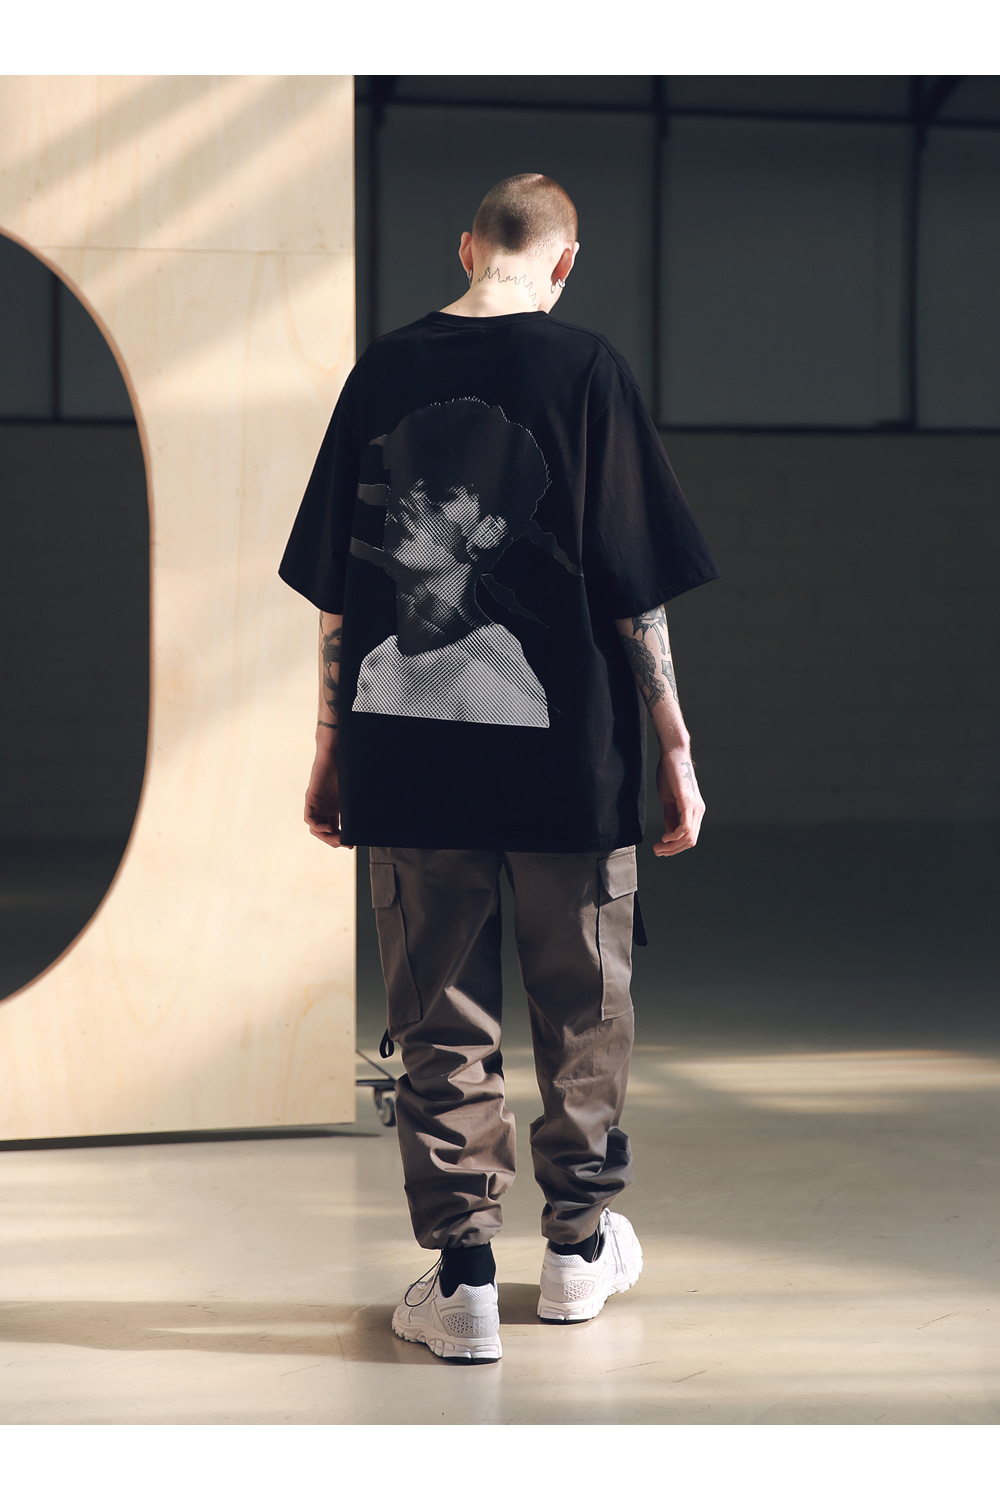 매스노운(MASSNOUN) SB 스크래치 오버사이즈 티셔츠 반팔티 MSNTS002-BK